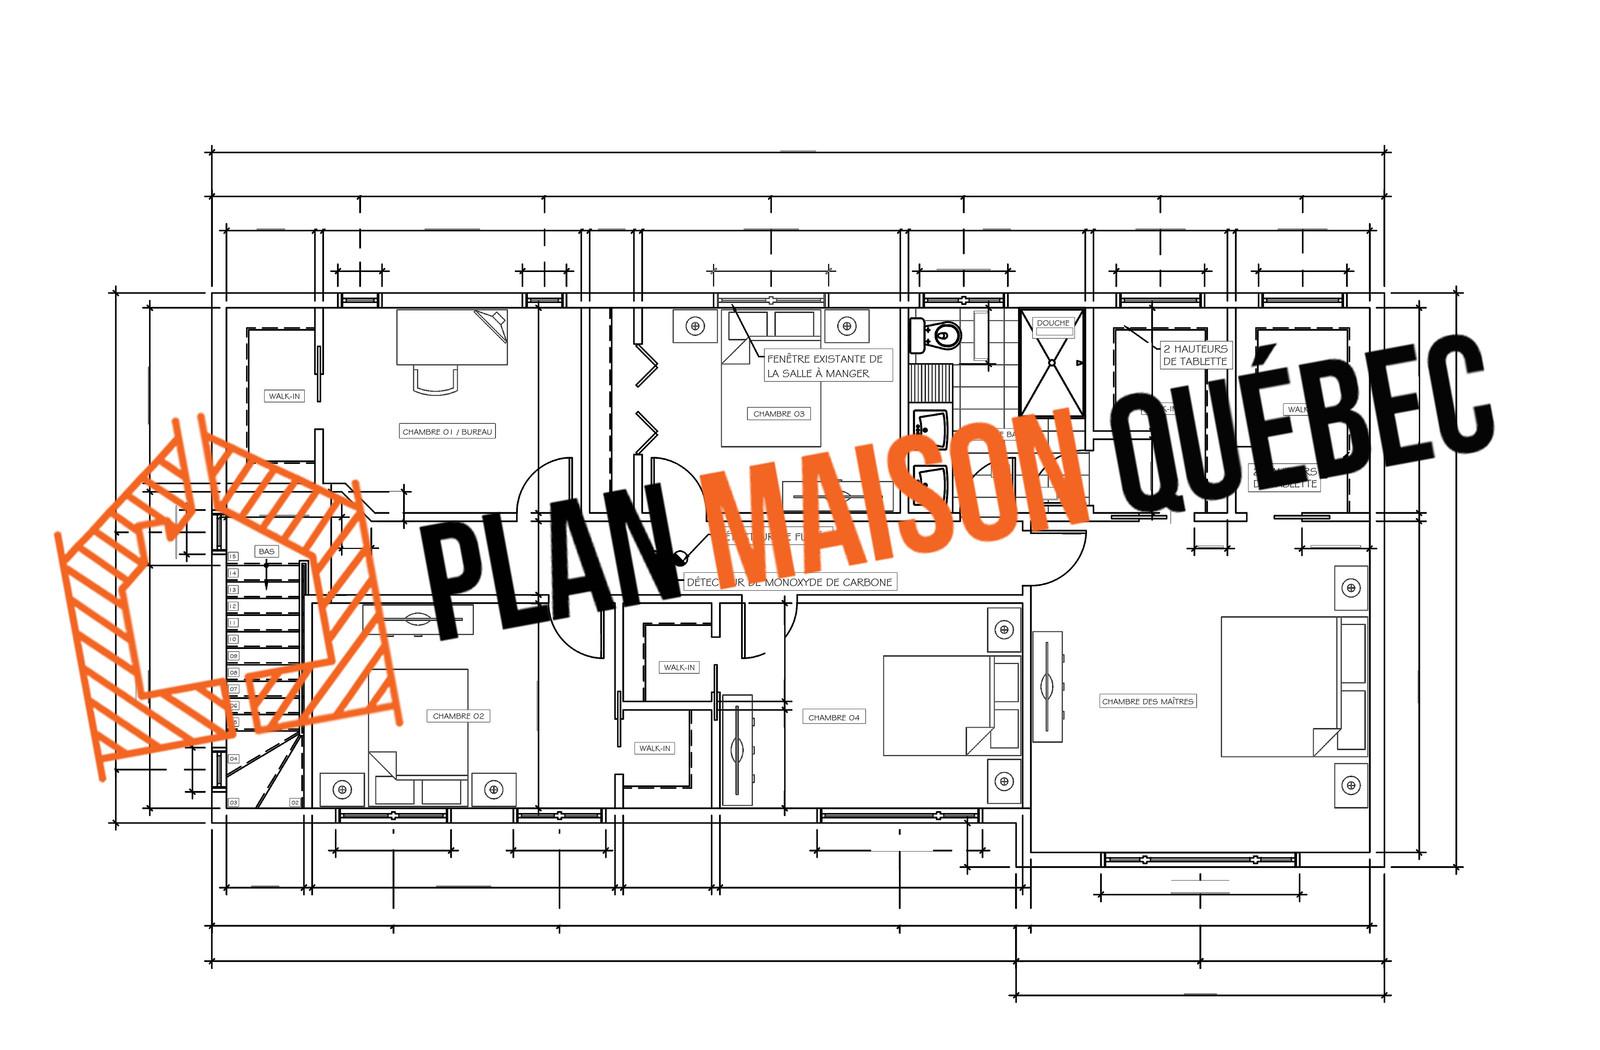 Plan maison qu bec plan de construction salle de bain for Concevoir un plan de maison